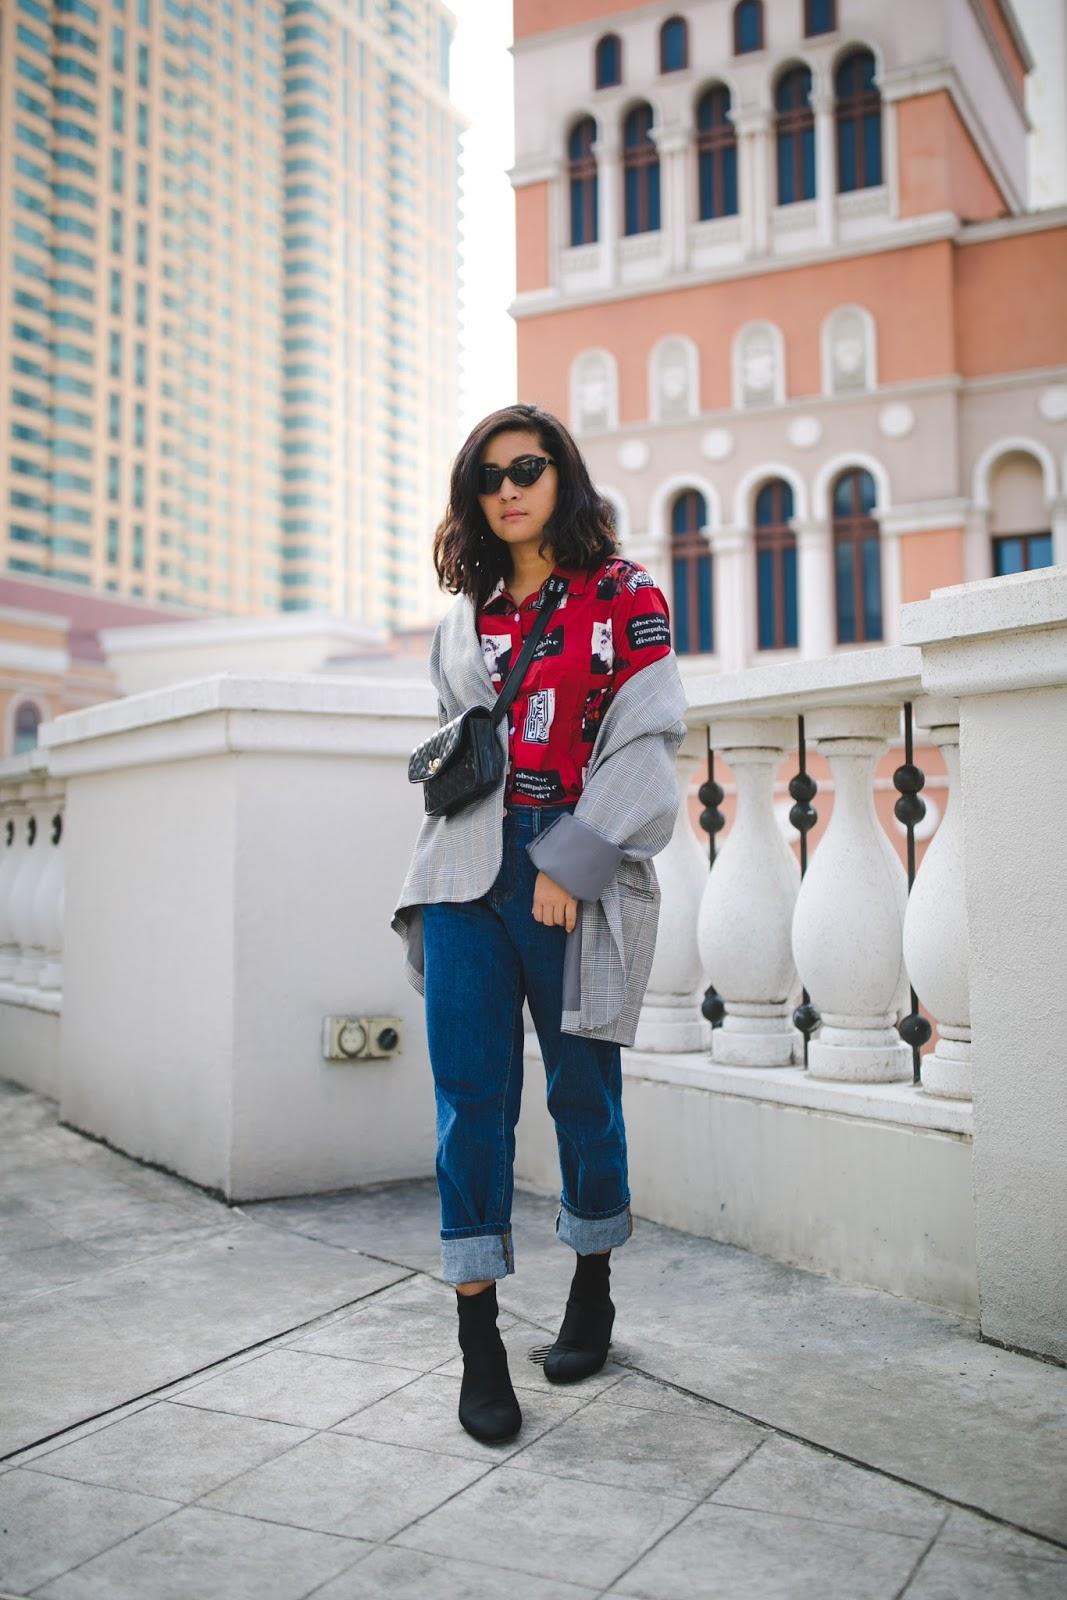 macau fashion blogger wearing plaid and retro print